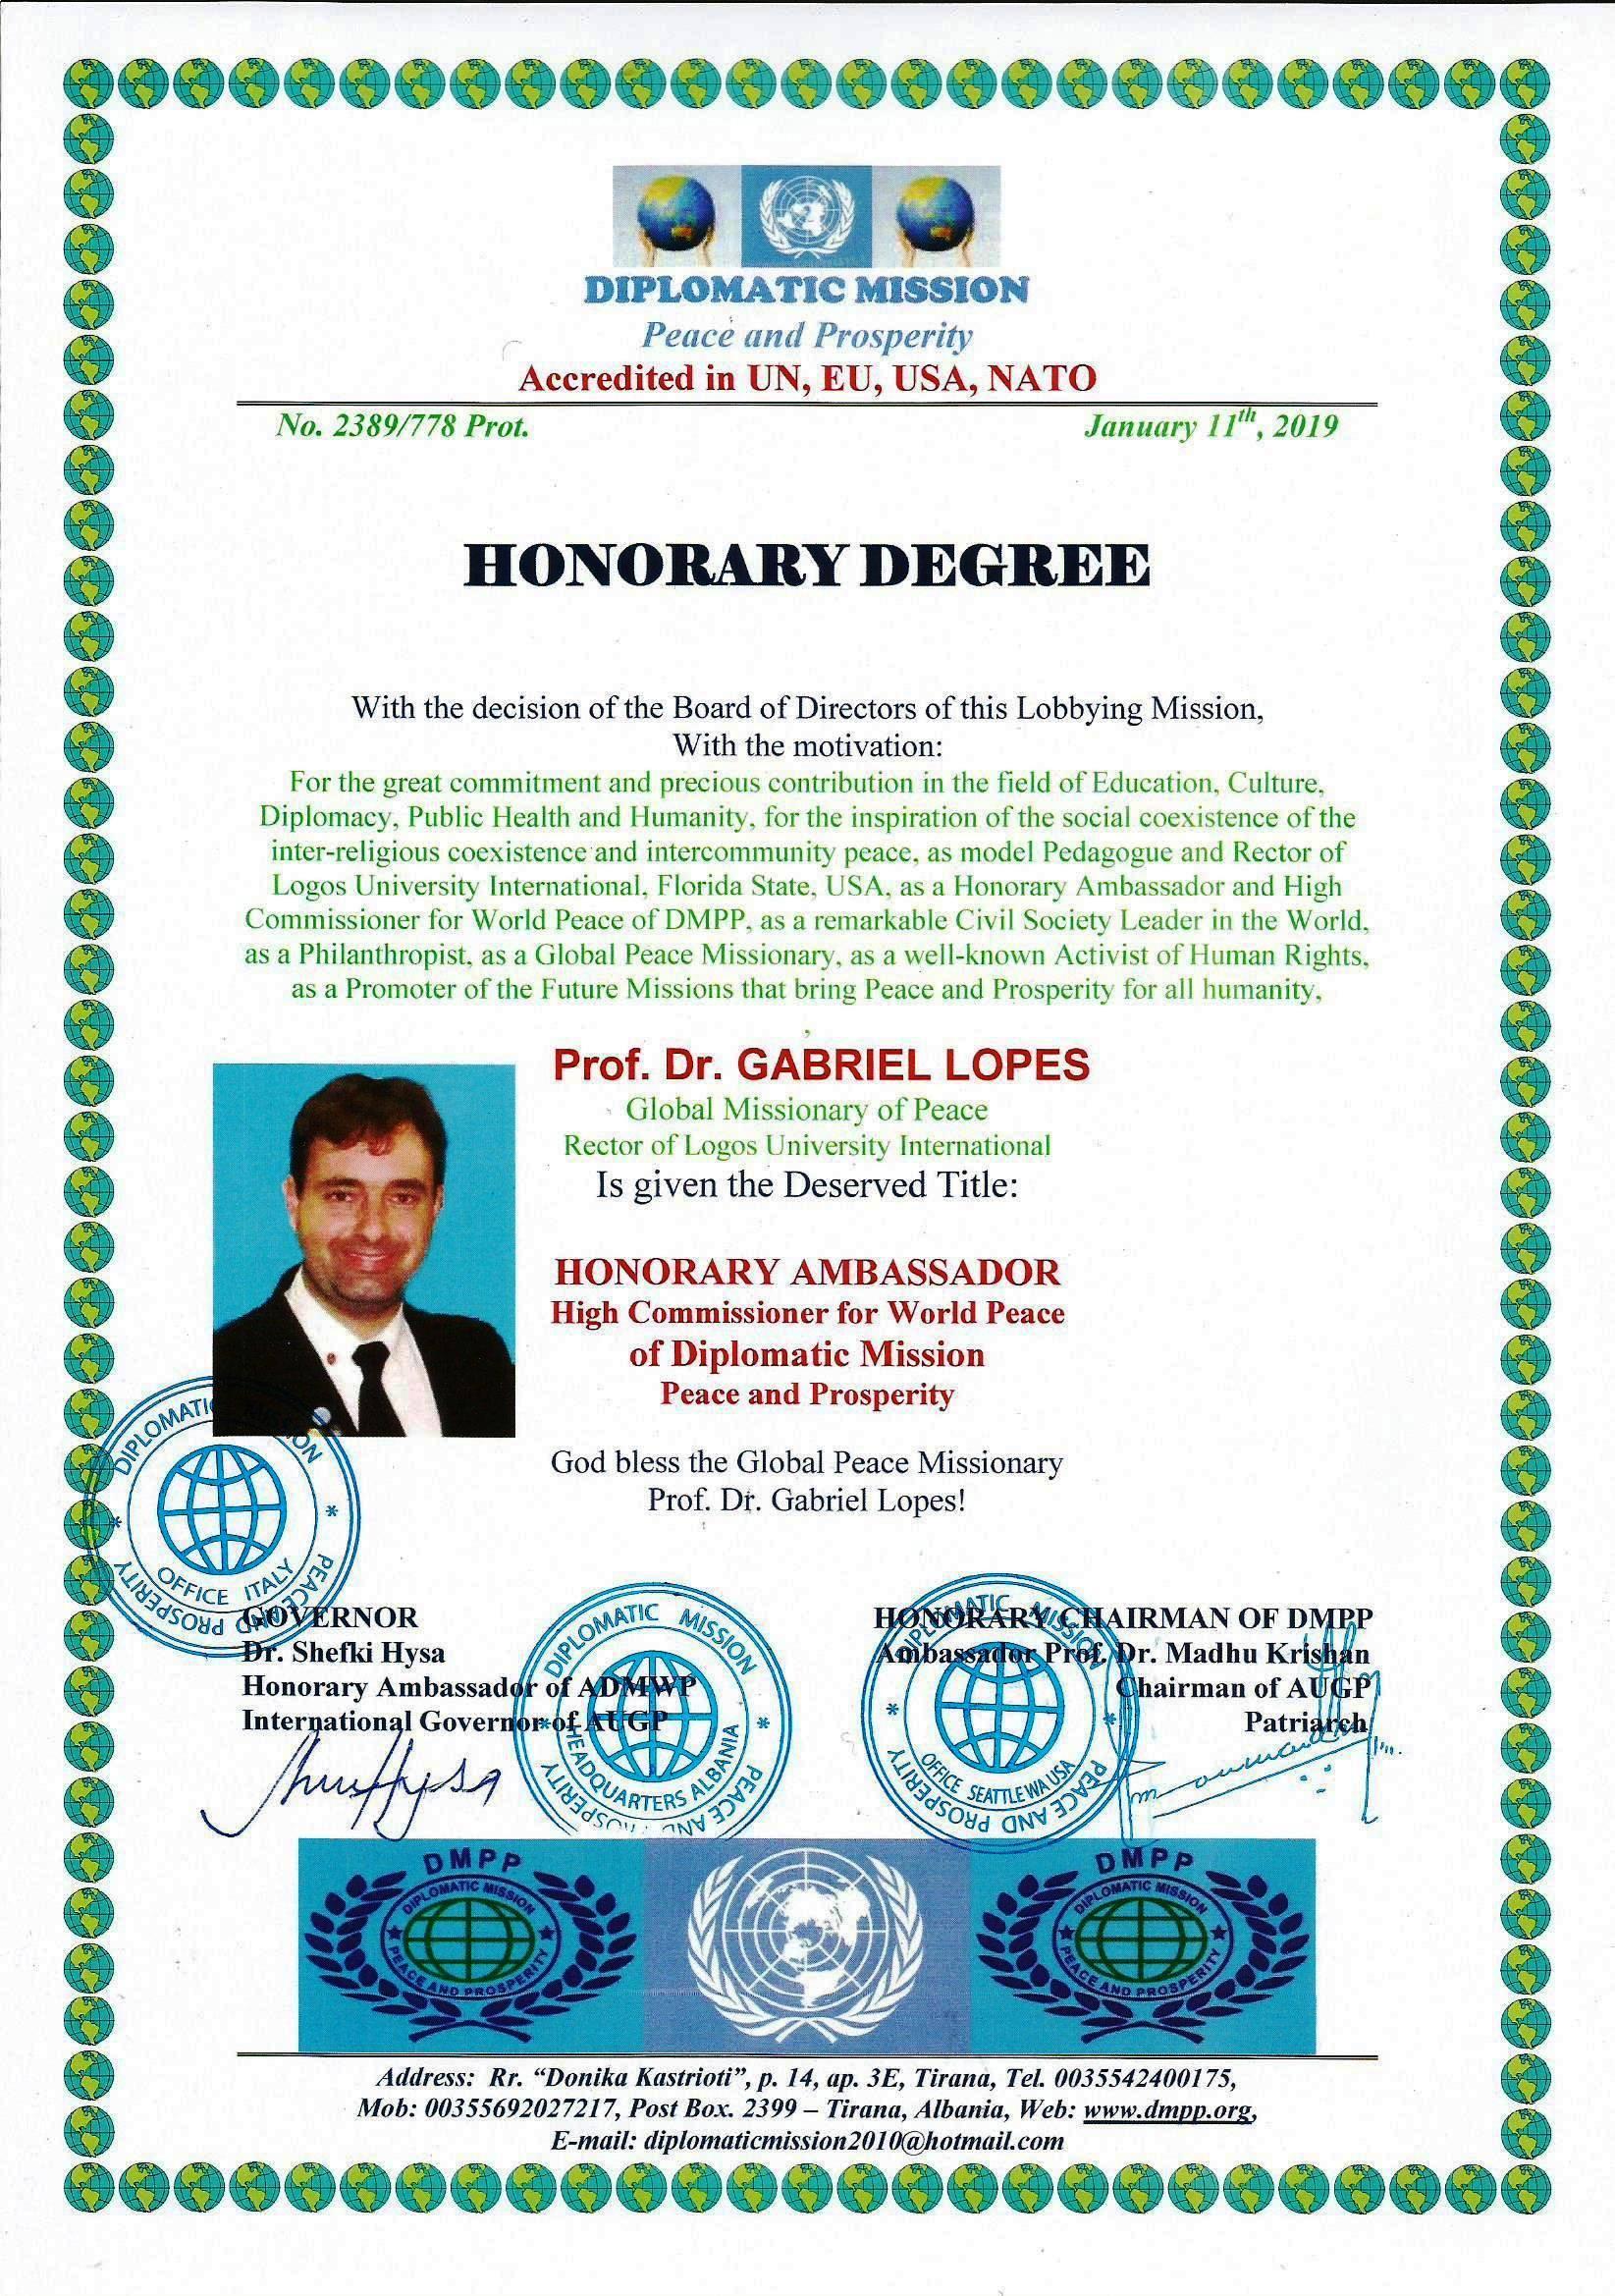 Diploma de Embaixador Honorario_ DMPP